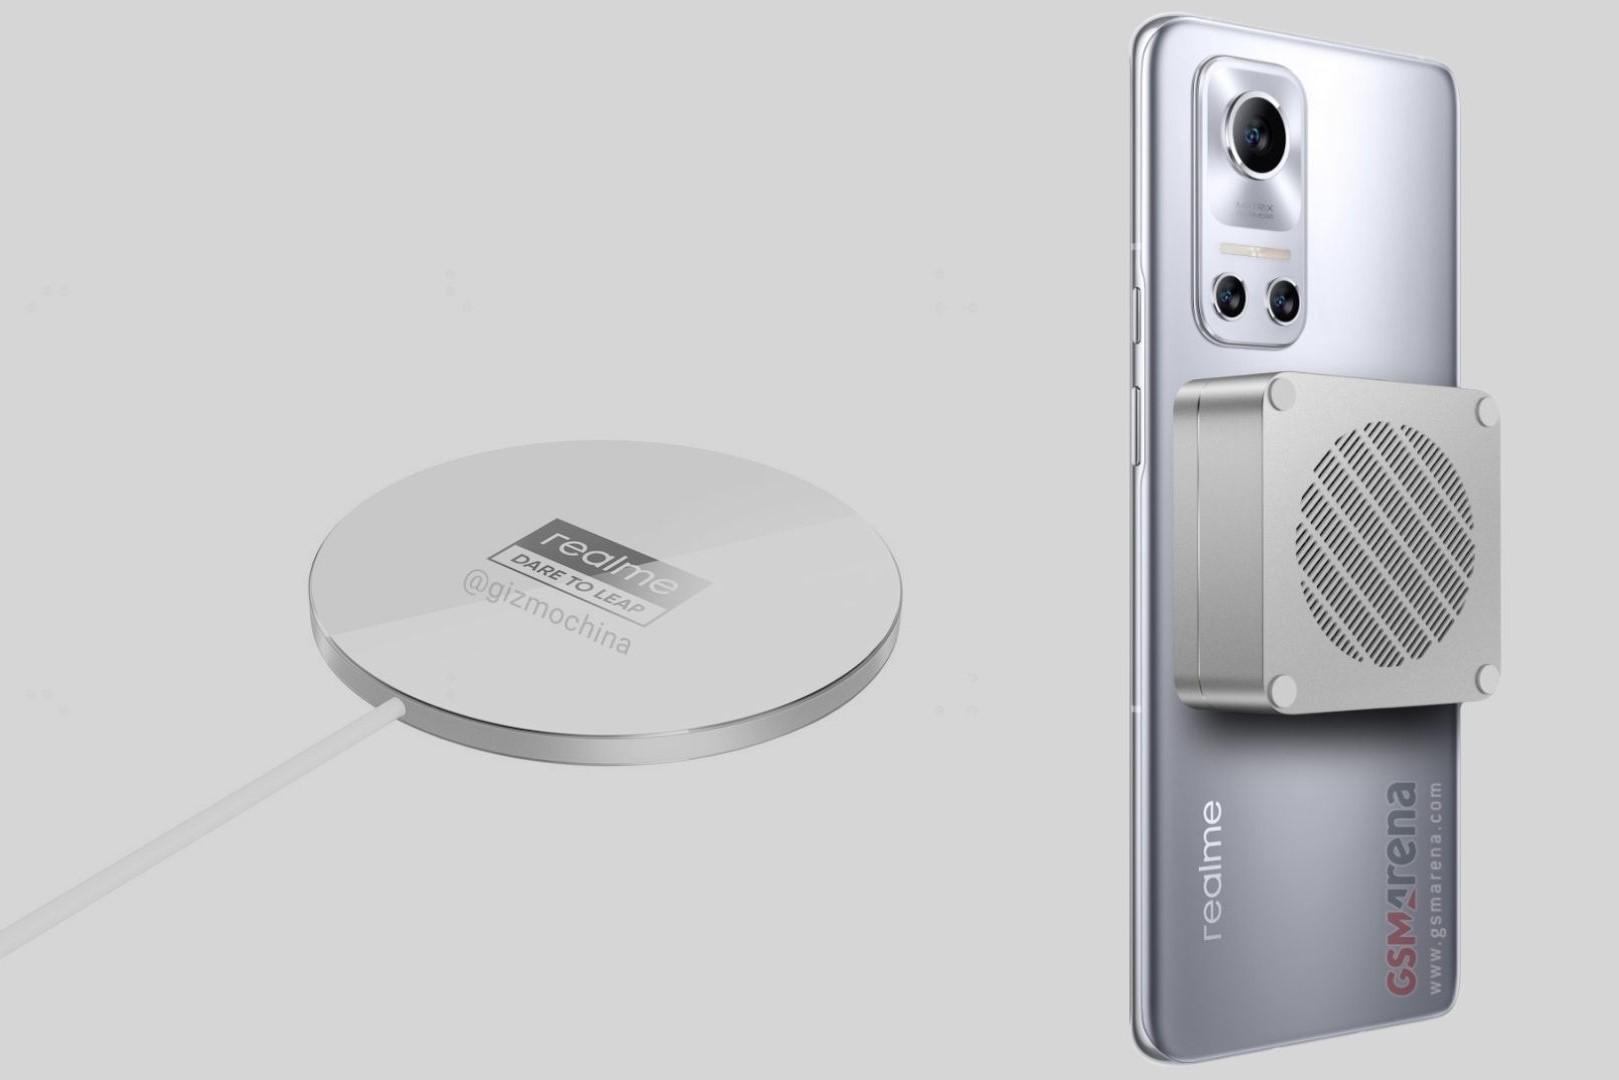 Realme ra mắt MagDart: sạc từ tính không dây nhanh nhất thế giới công suất 50W, đối đầu Apple MagSafe